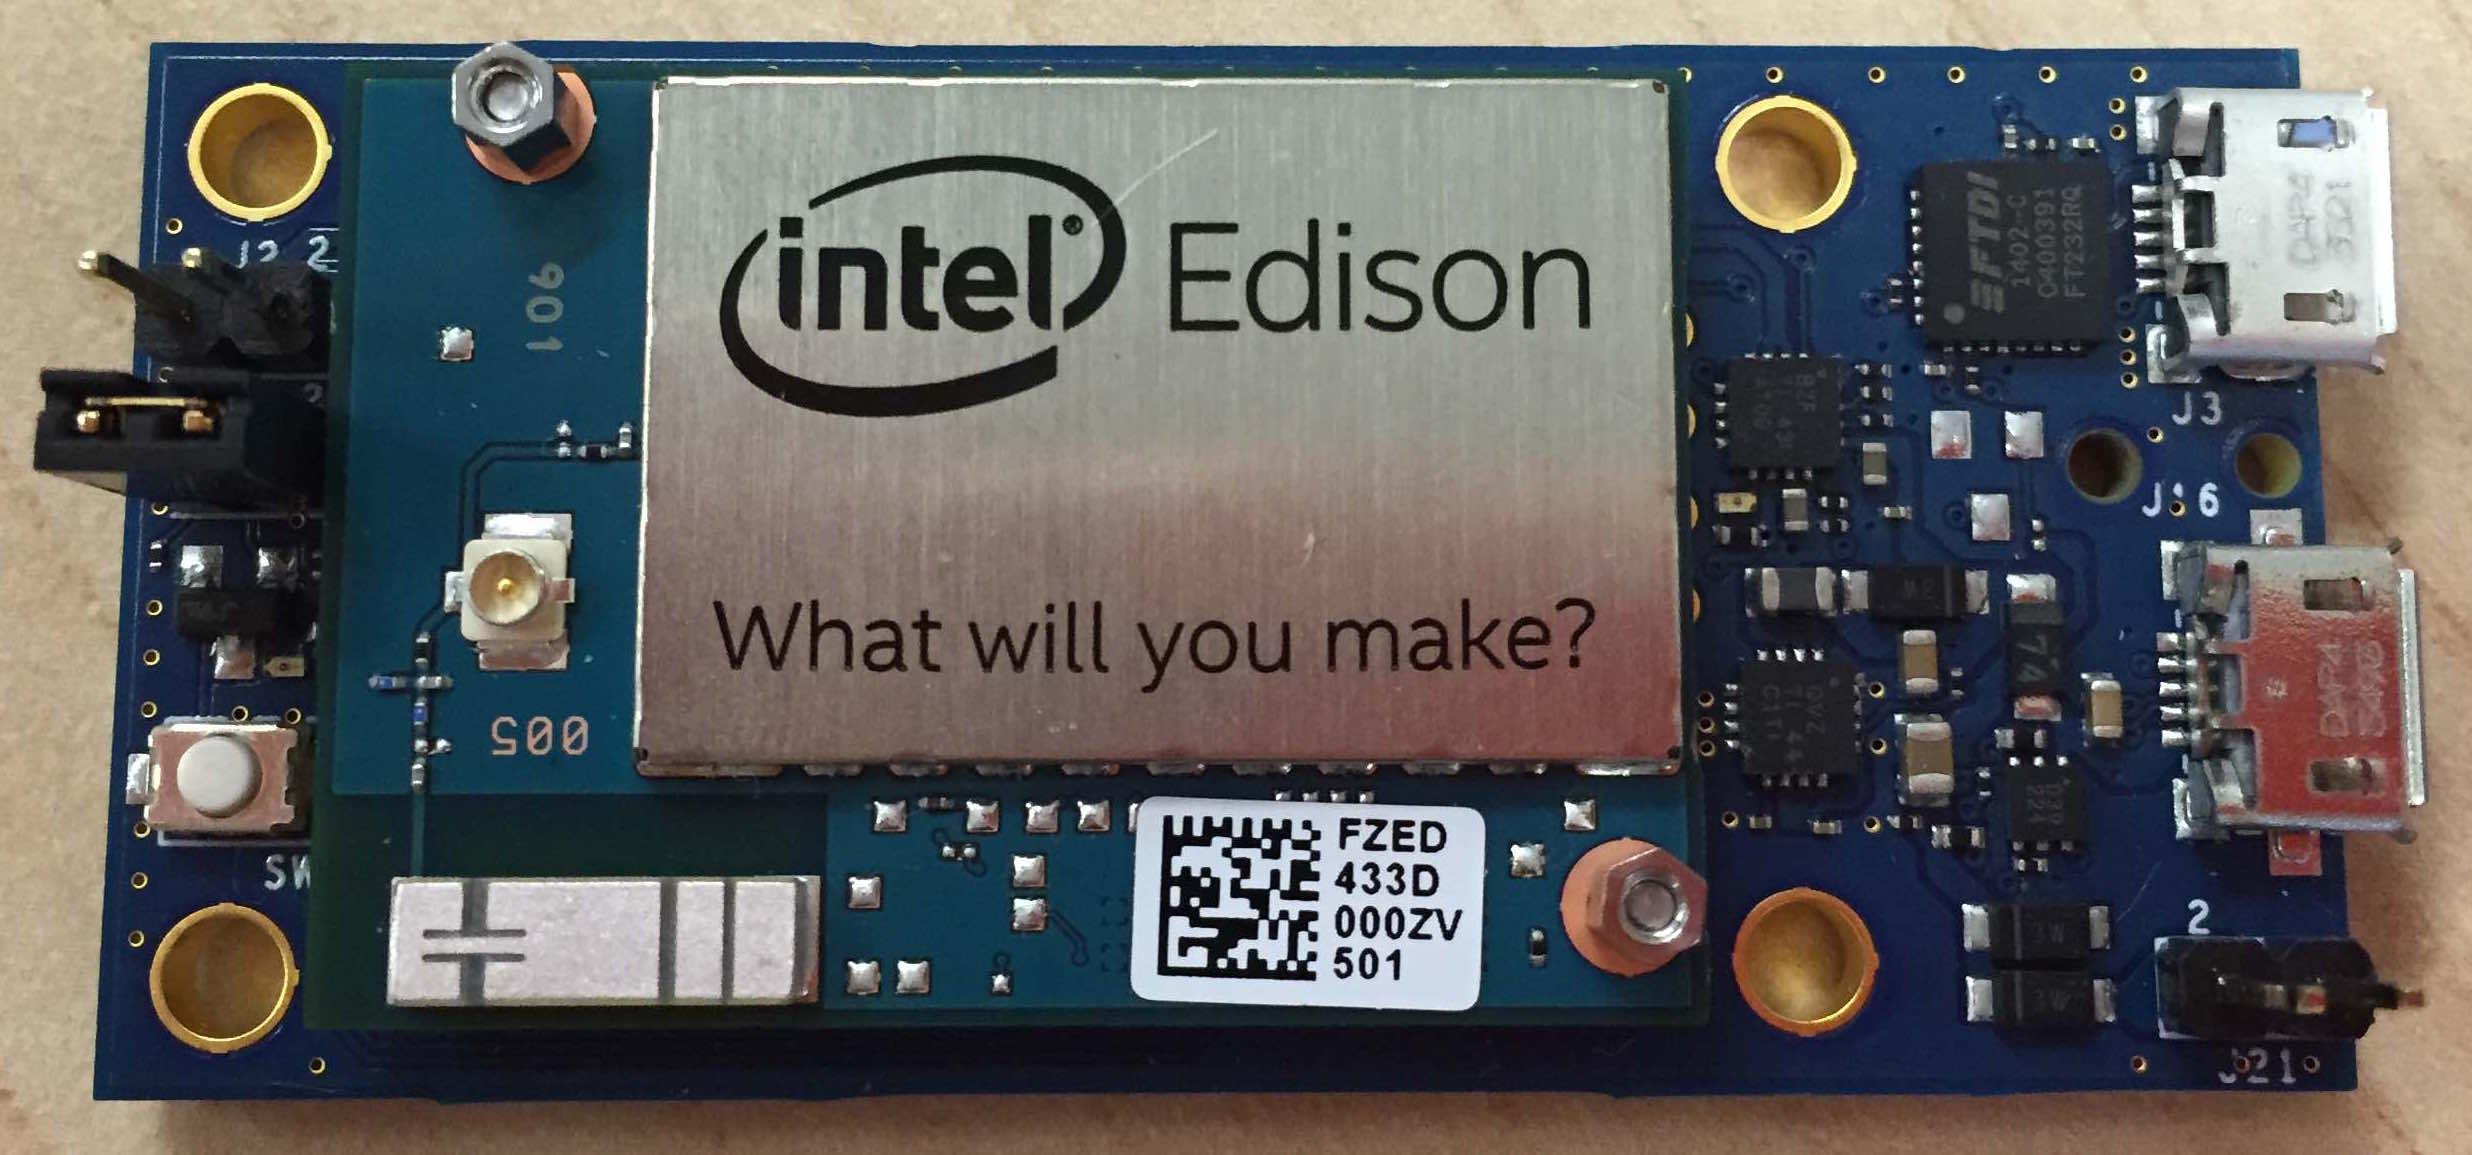 Edison on Mini breakout board